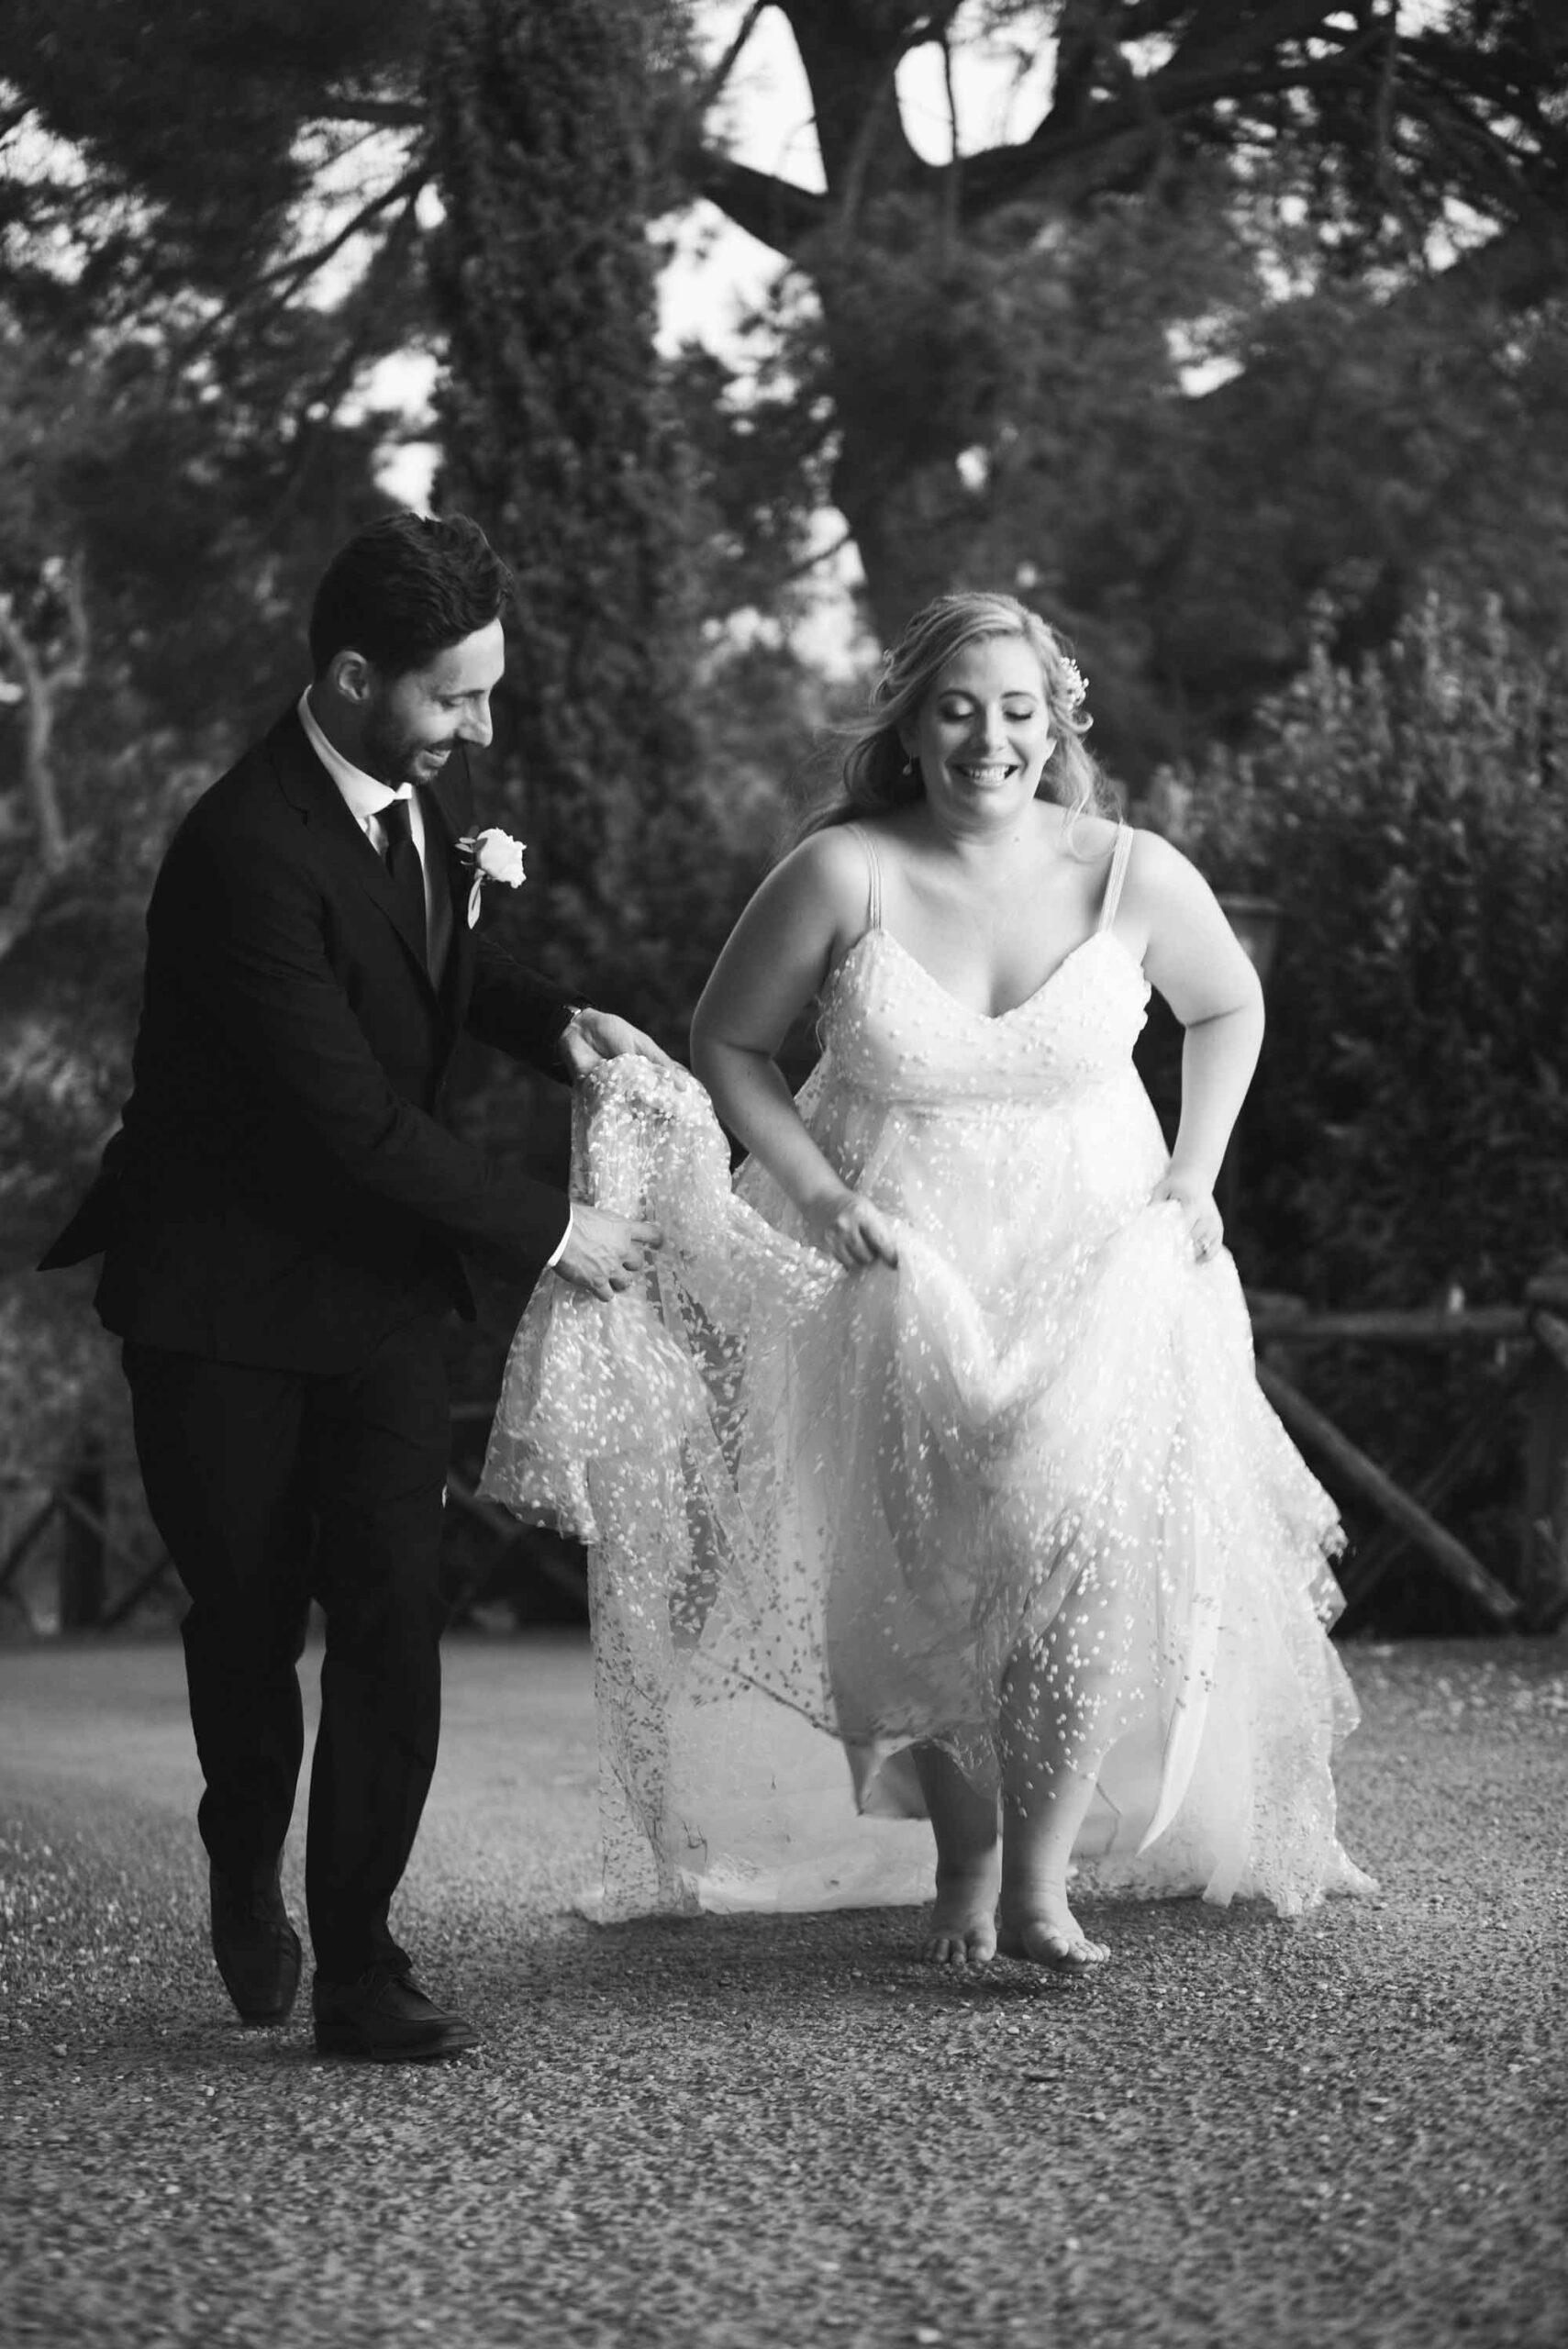 49 - Matrimonio a Roma - Manuel e Carlie - Fabrizio Musolino Fotografo Reportage.jpg